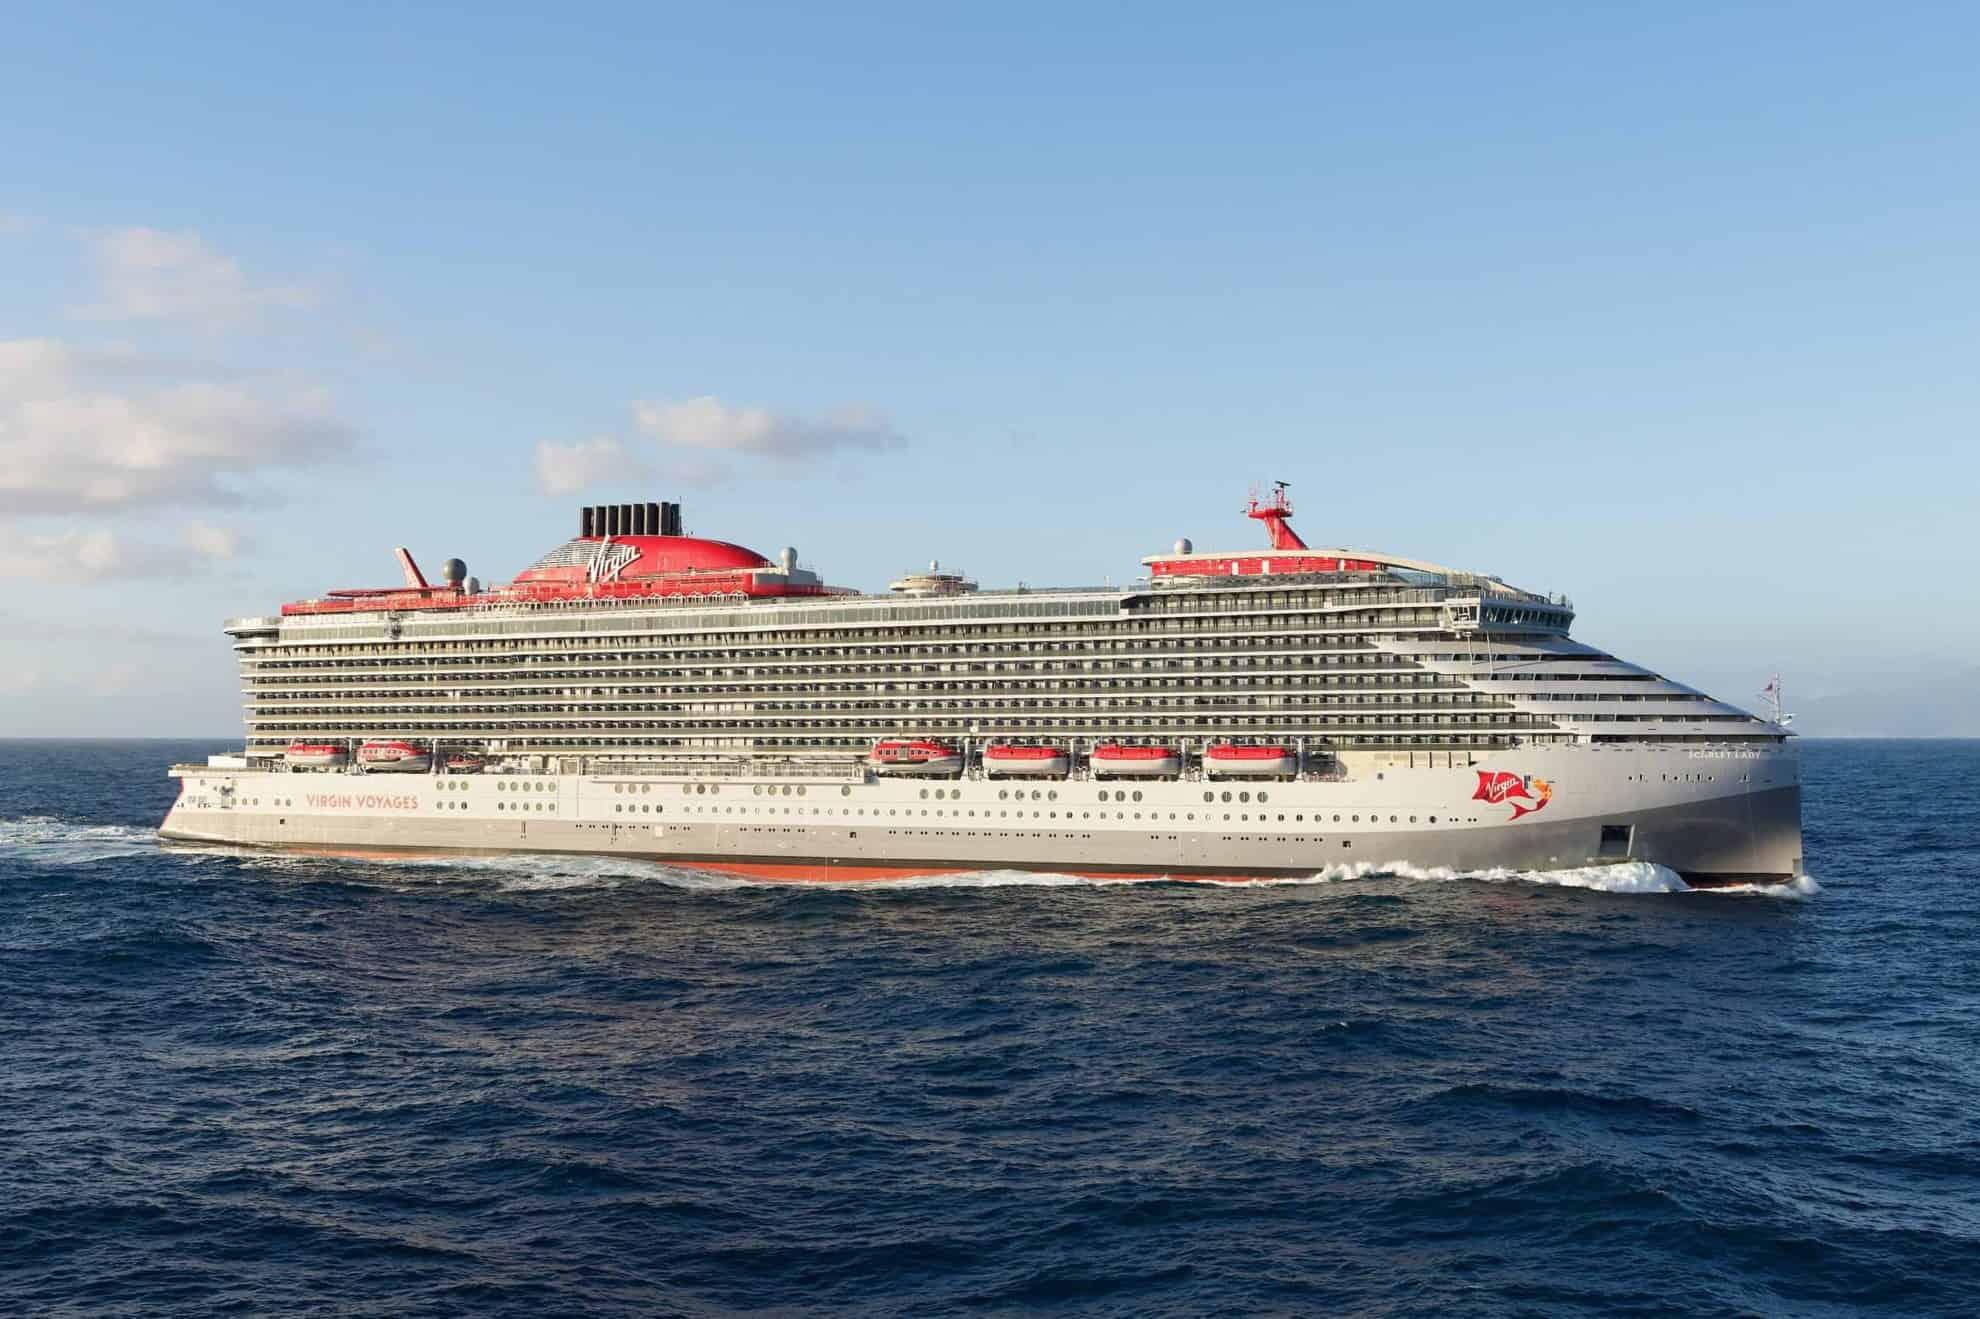 Virgin Voyages se suma a las compañías de cruceros que solicitarán que los pasajeros se hayan vacunado contra el COVID-19 antes de abordar